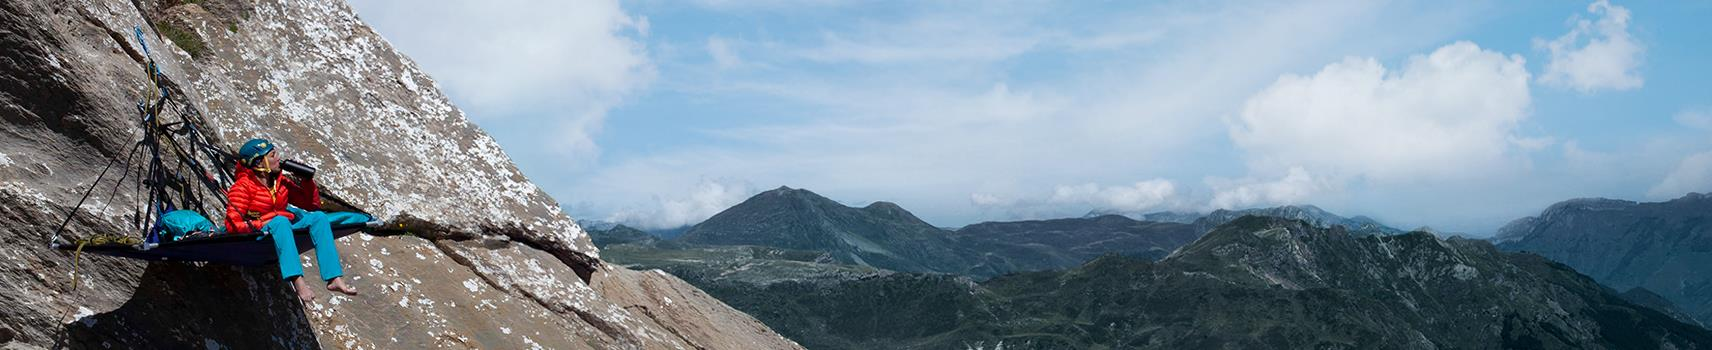 Equipamiento de montaña